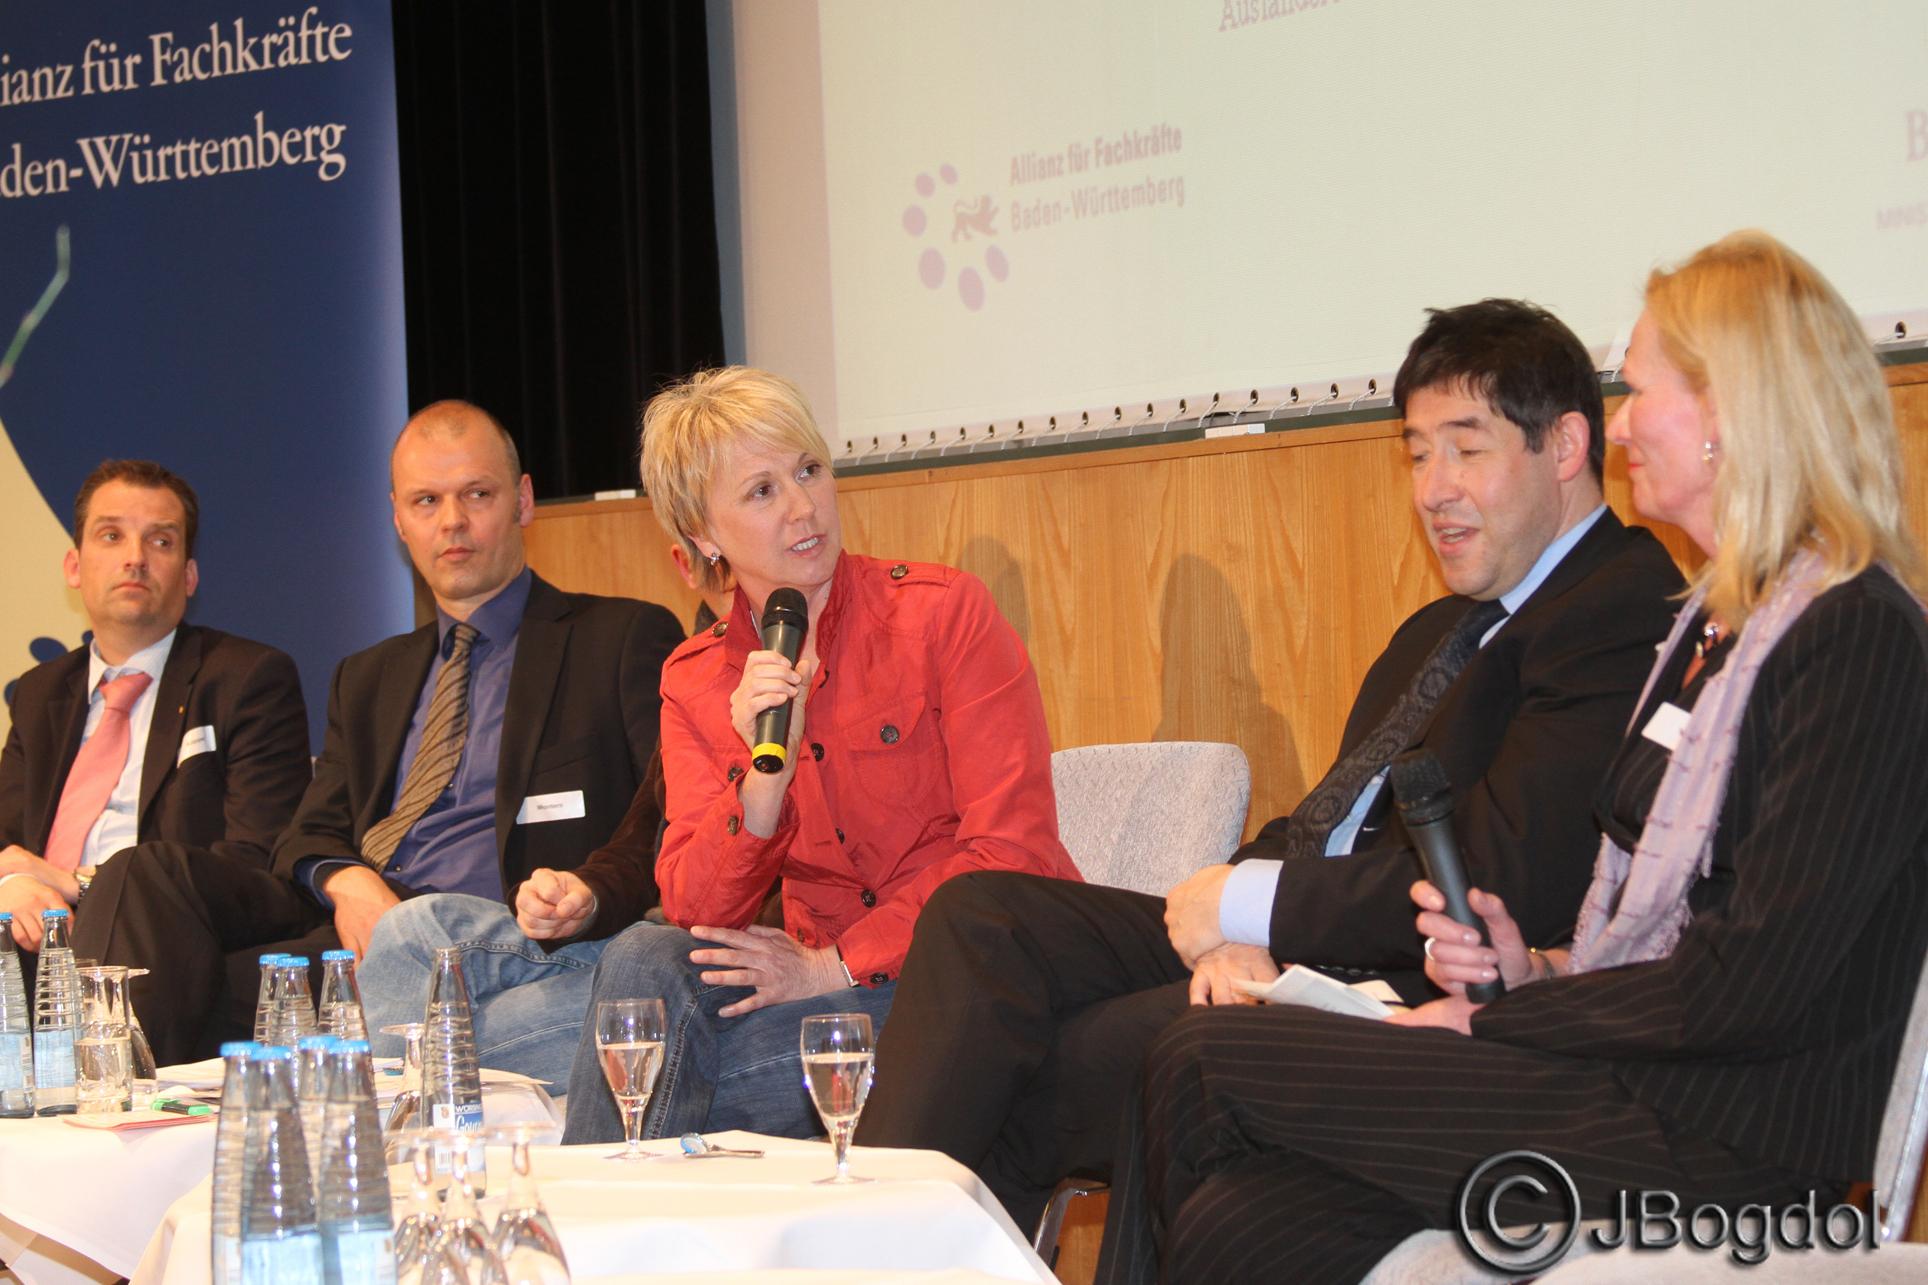 Moderation Andrea Müller Workshop Zuwanderung von Fachkräften, im Gespräch mit Ministerialdirektor Rolf Schumacher, Haus der Wirtschaft Stuttgart, April 2013